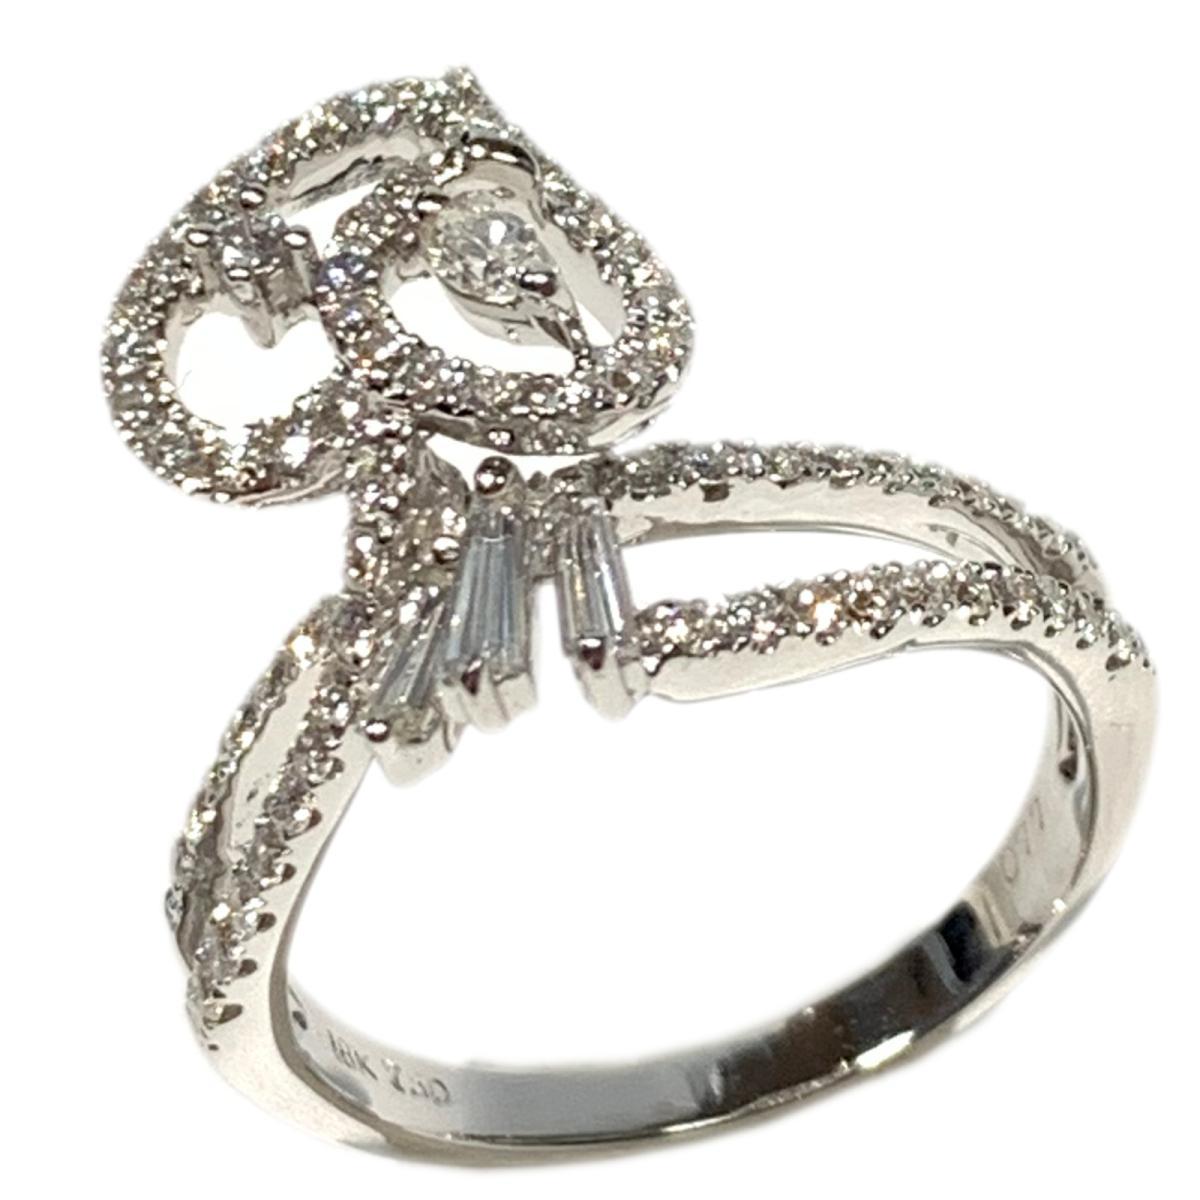 【中古】 ジュエリー ダイヤモンド リング 指輪 レディース 18K750 x 0.77ct シルバー | JEWELRY BRANDOFF ブランドオフ ブランド アクセサリー